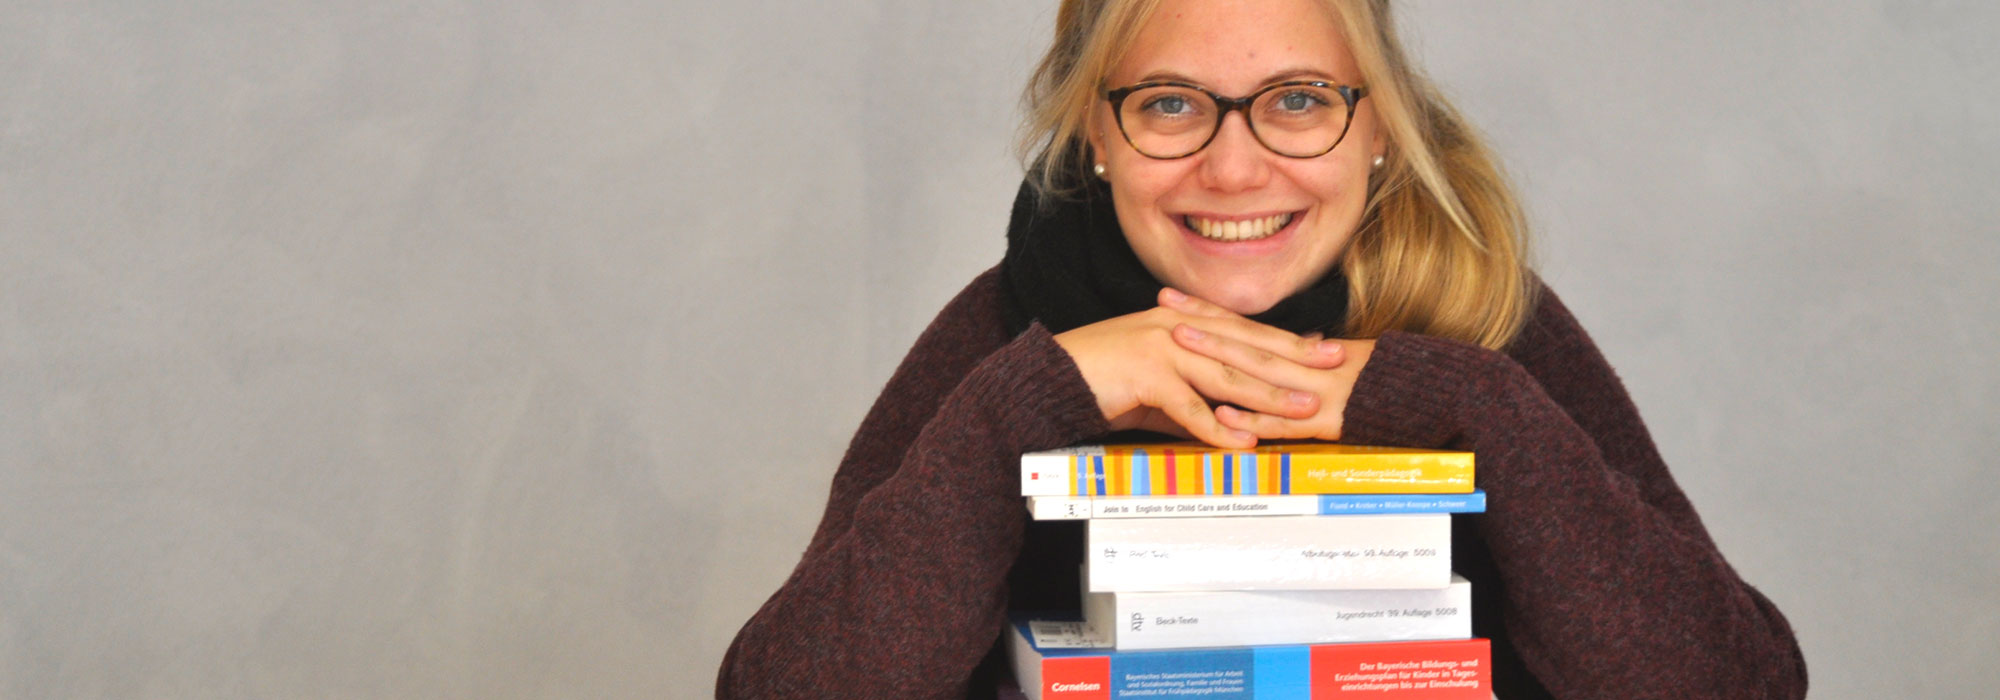 3_Symbolfoto_Bücherstapel-mit-Studierender